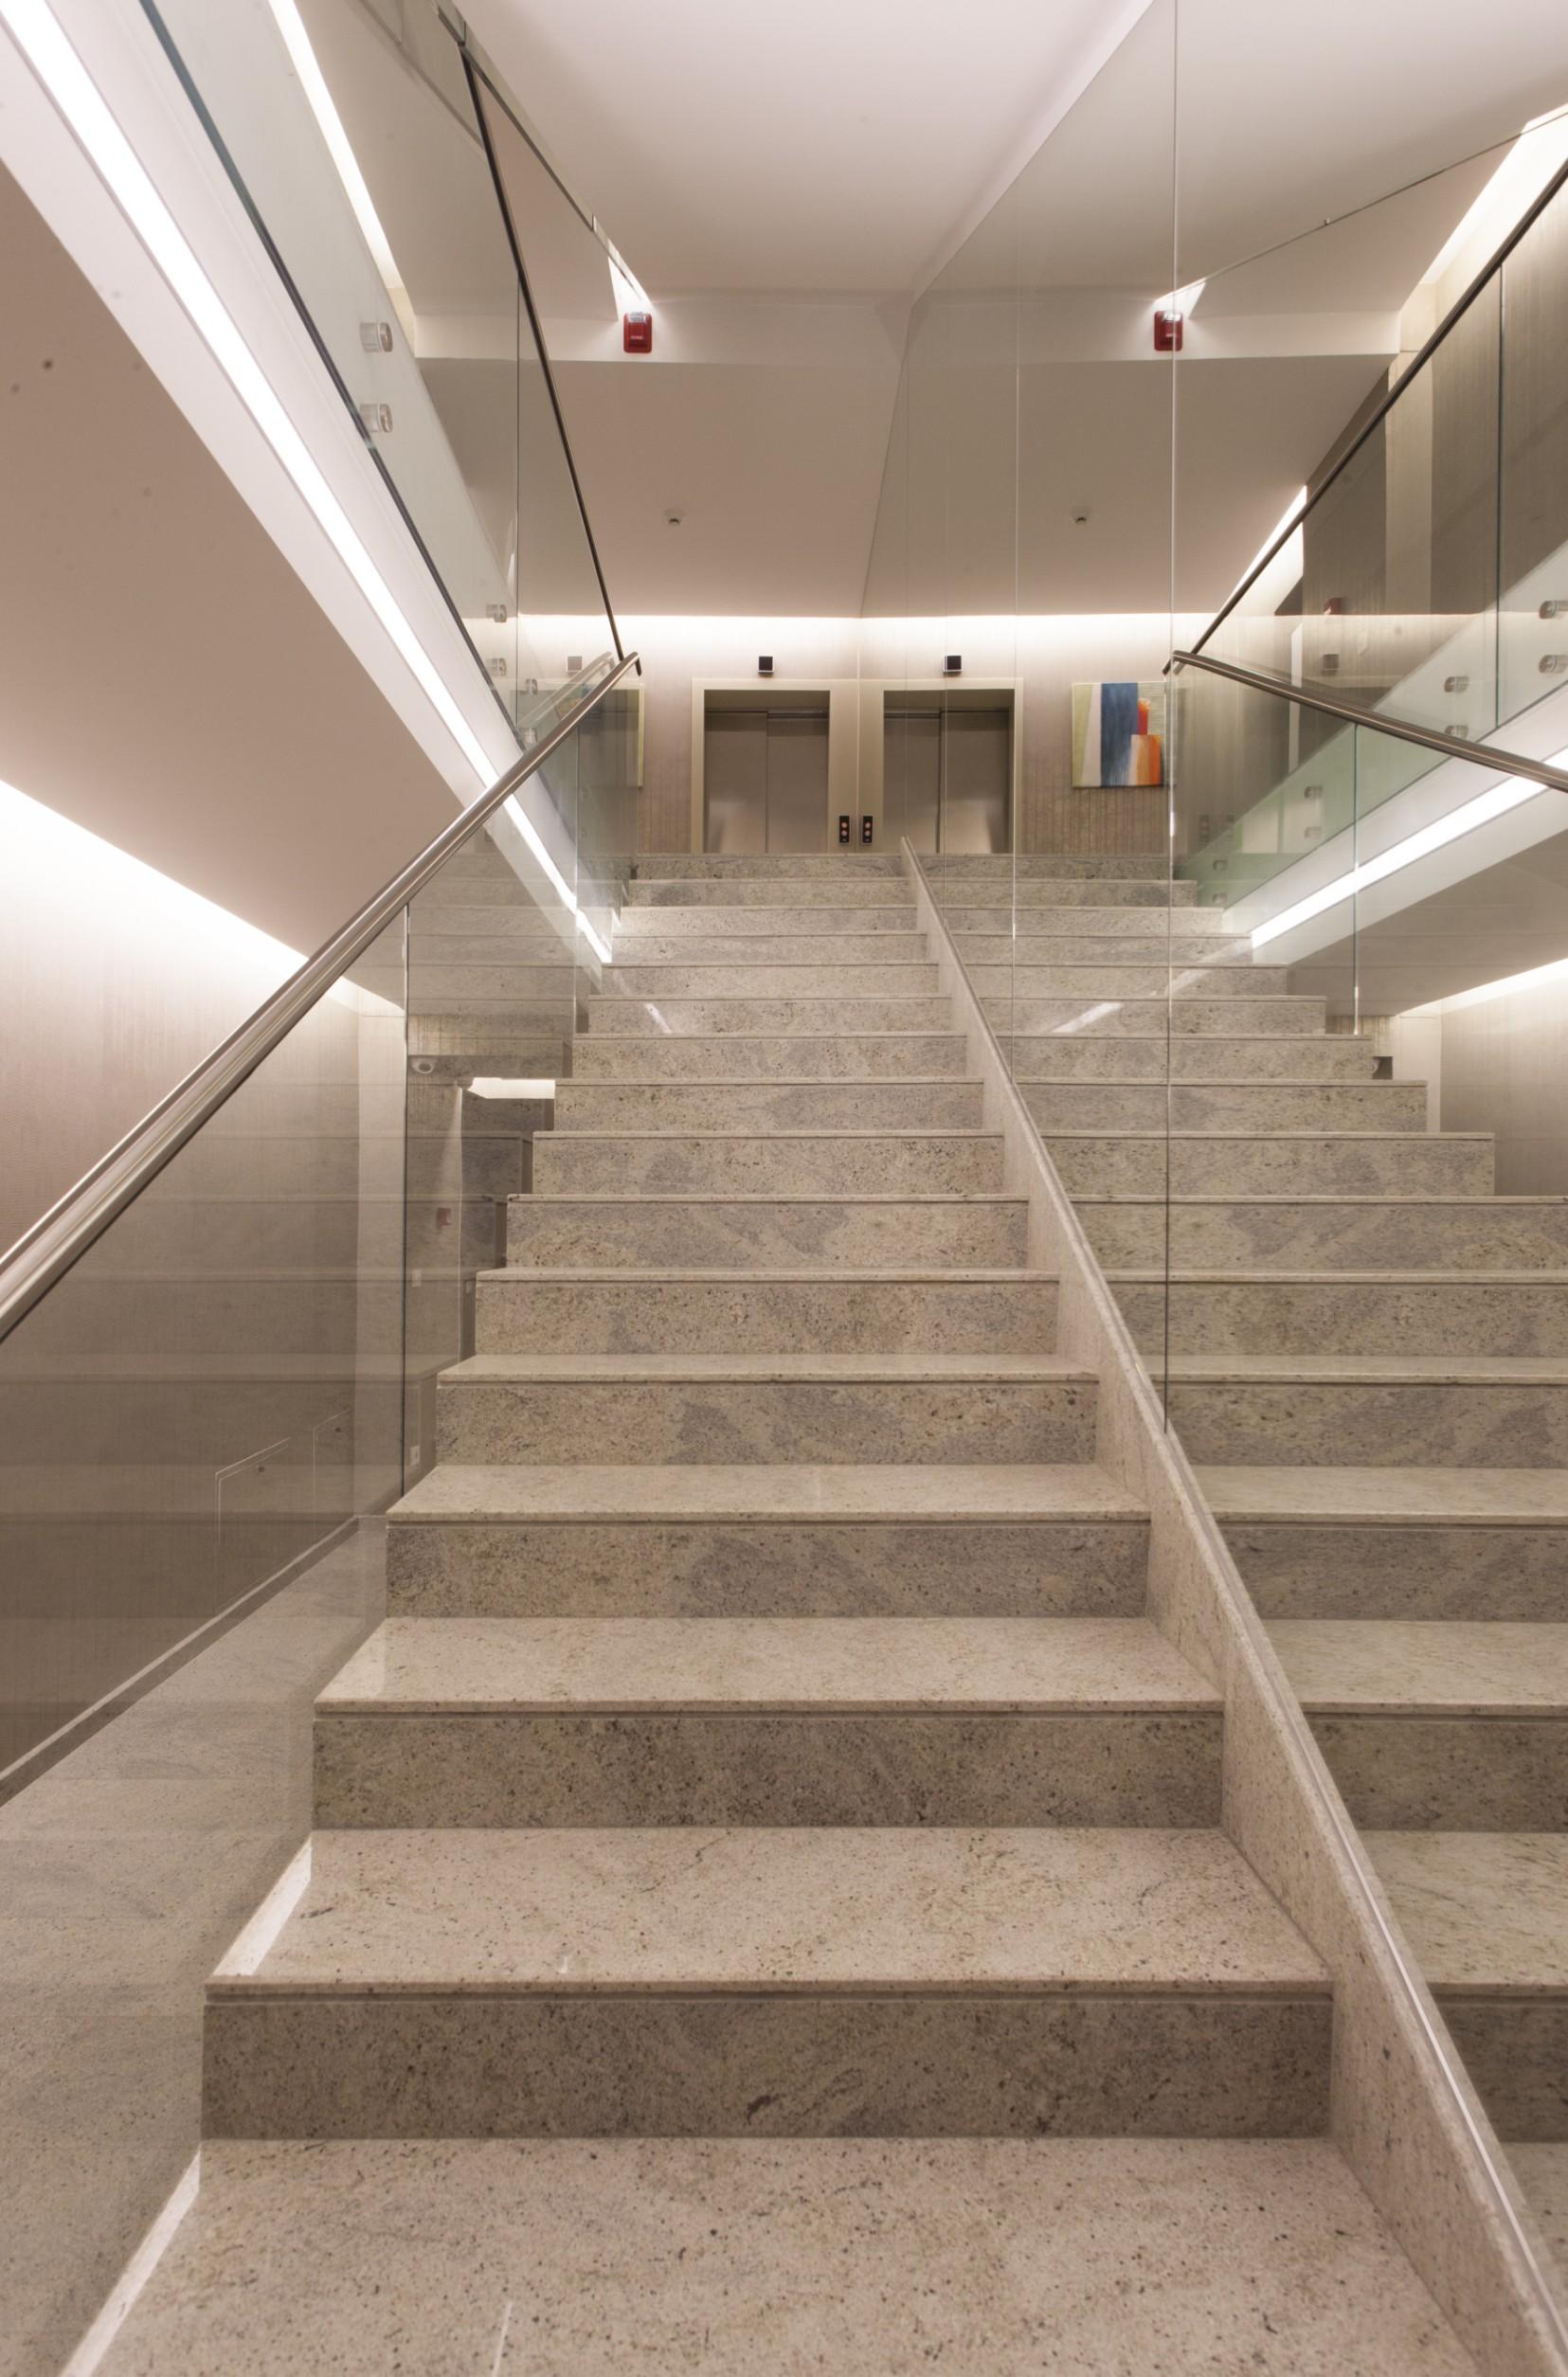 https://nbc-arhitect.ro/wp-content/uploads/2020/11/NBC-Arhitect-_-interior-design-_-Petofi-Sandor-_-Romania_12.jpg